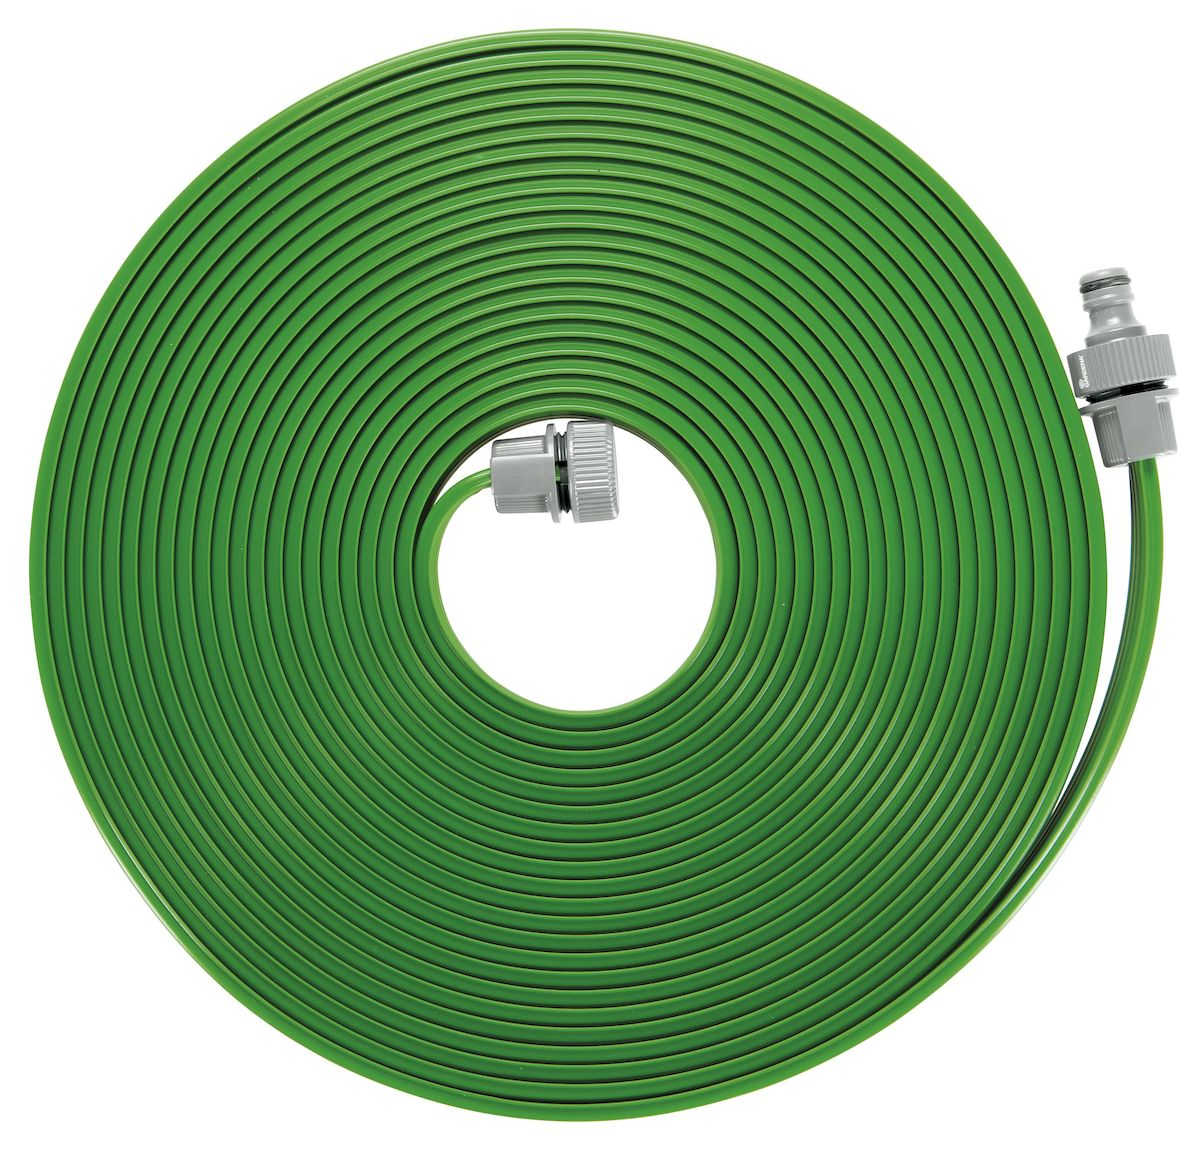 Шланг-дождеватель Gardena, цвет: зеленый, 15 м01998-20.000.00Шланг-дождеватель Gardena оптимально подходит для бережного орошения грядок, бордюров и узких площадок. Полив мелкодисперсным орошением позволяет бережно поливать капризные растения, не повреждая их.В комплект поставки шланга входят необходимые соединительные элементы, поэтому всё, что вам нужно - это подключить шланг к источнику воды. Шланг-дождеватель предусматривает возможность наращивания путем простого подсоединения до 22,5 м. Шланг может быть укорочен по желанию пользователя. Для этого нужно просто обрезать шланг, отмерив нужную длину, и установить соединительные элементы. Шланг-дождеватель Gardena предназначен для легкого полива небольших участков. Площадь полива - 15 м2. Длина шланга - 15 м.